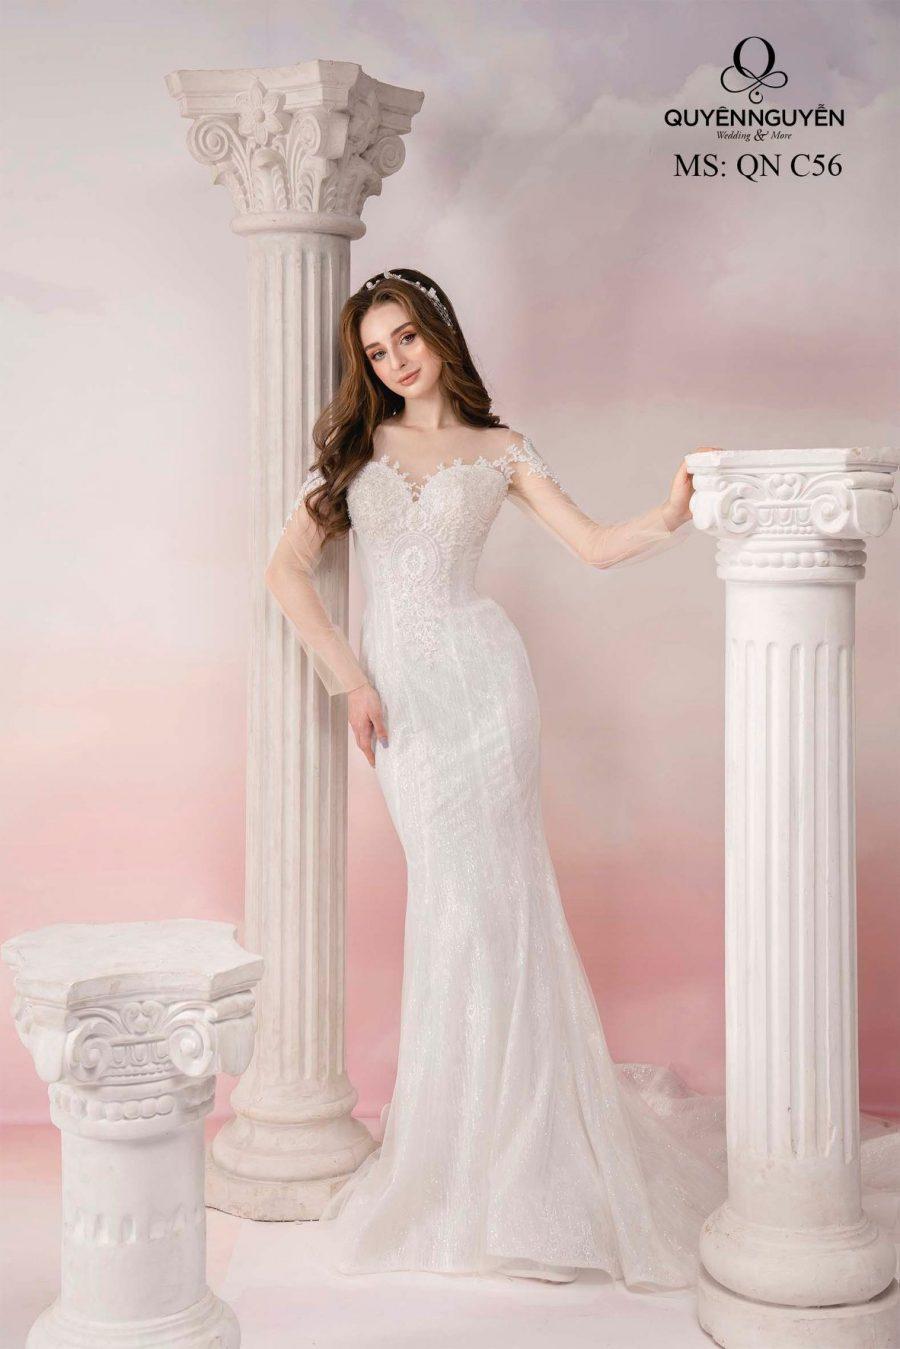 8 mẫu váy cưới đuôi cá dài đẹp nhất 2020 cho cô dâu